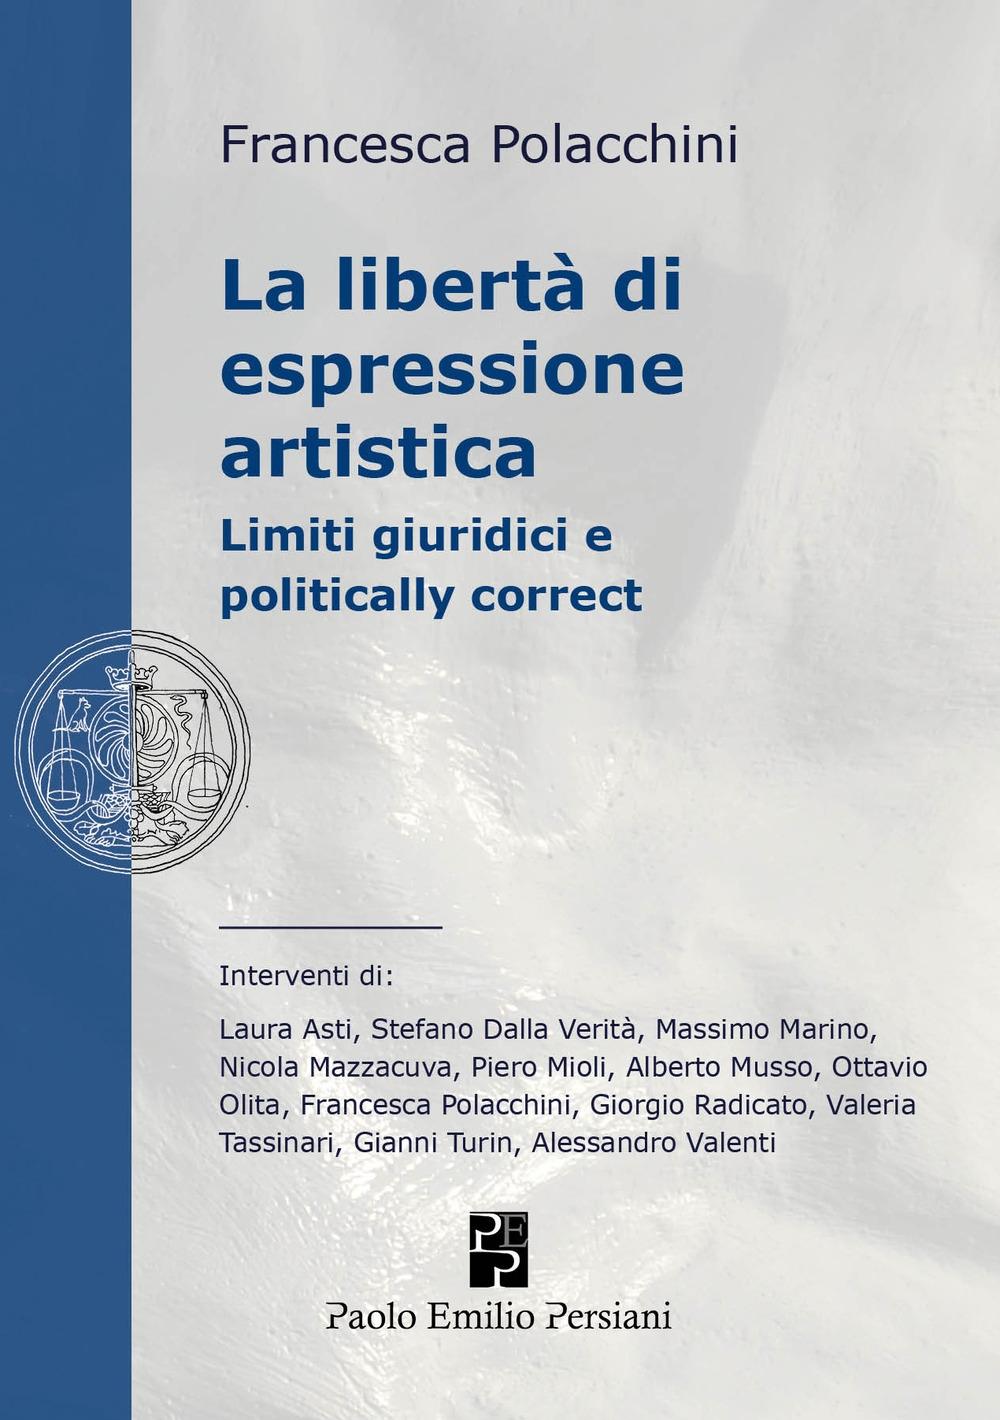 La libertà di espressione artistica. Limiti giuridici e politically correct